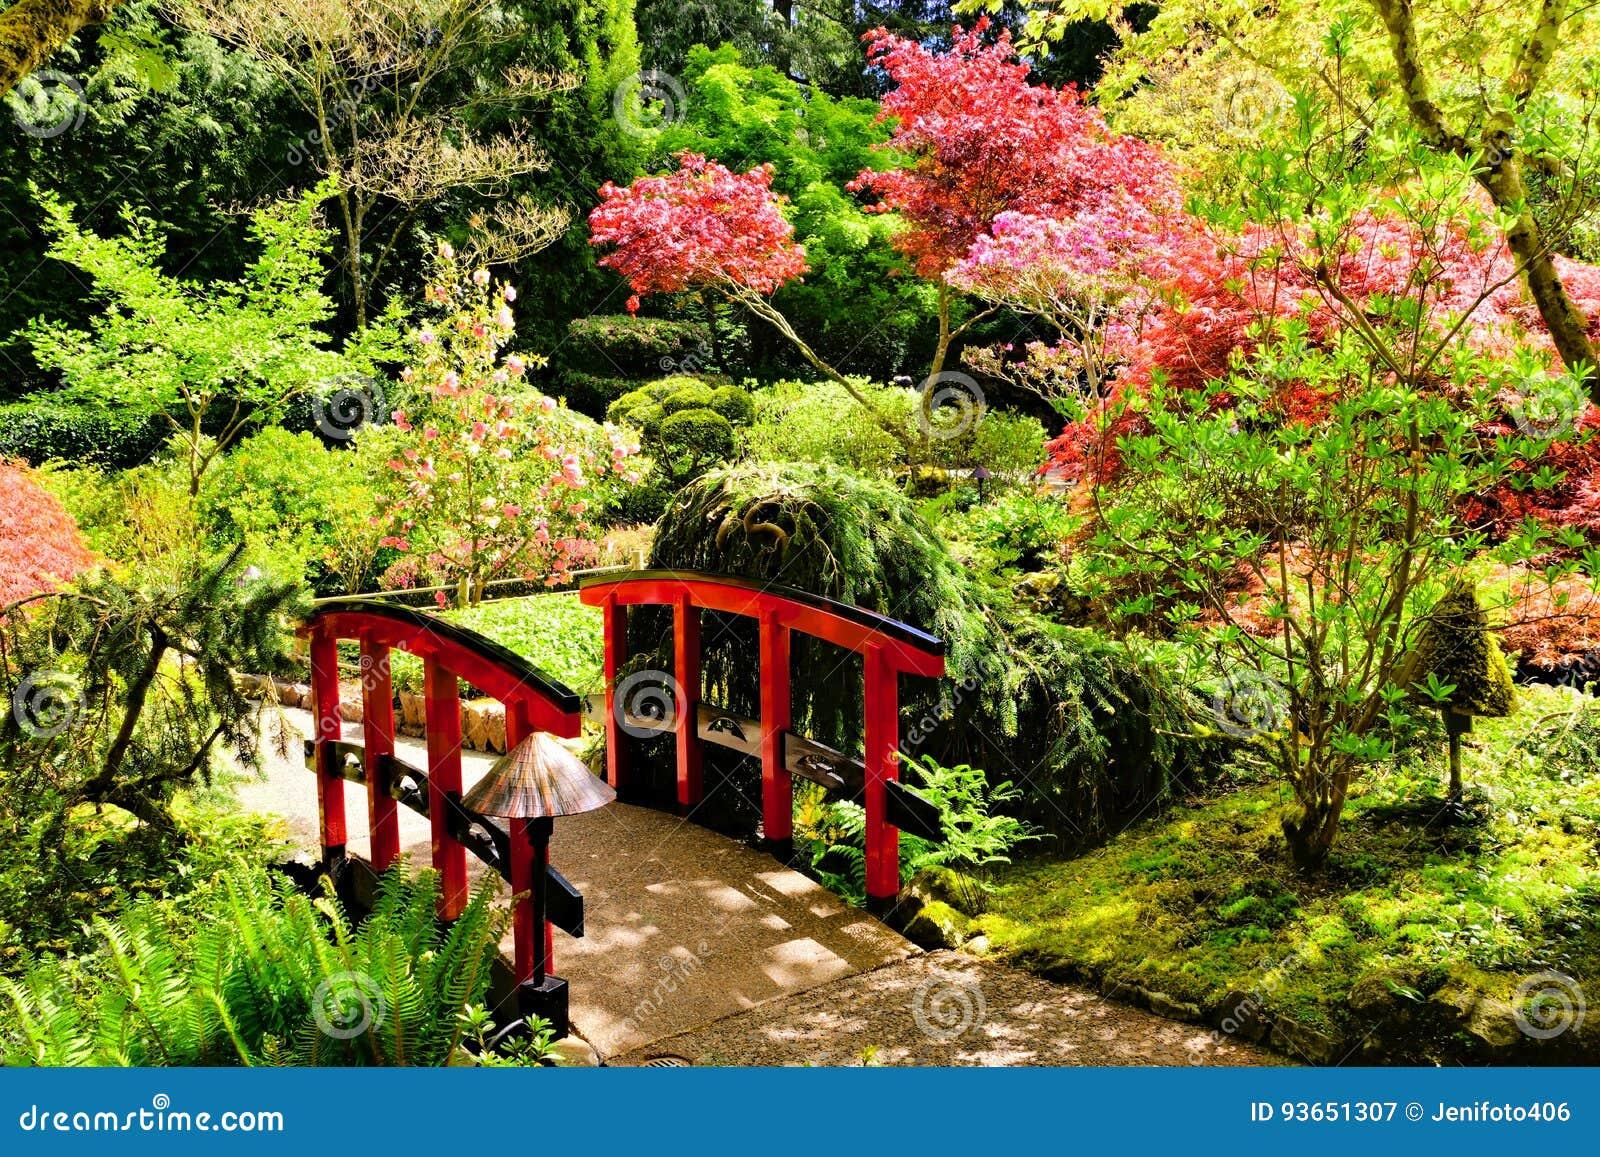 Jardines japoneses fotos jardines japoneses hdd arte y jardinera vista desde el interior - Fotos jardines japoneses ...